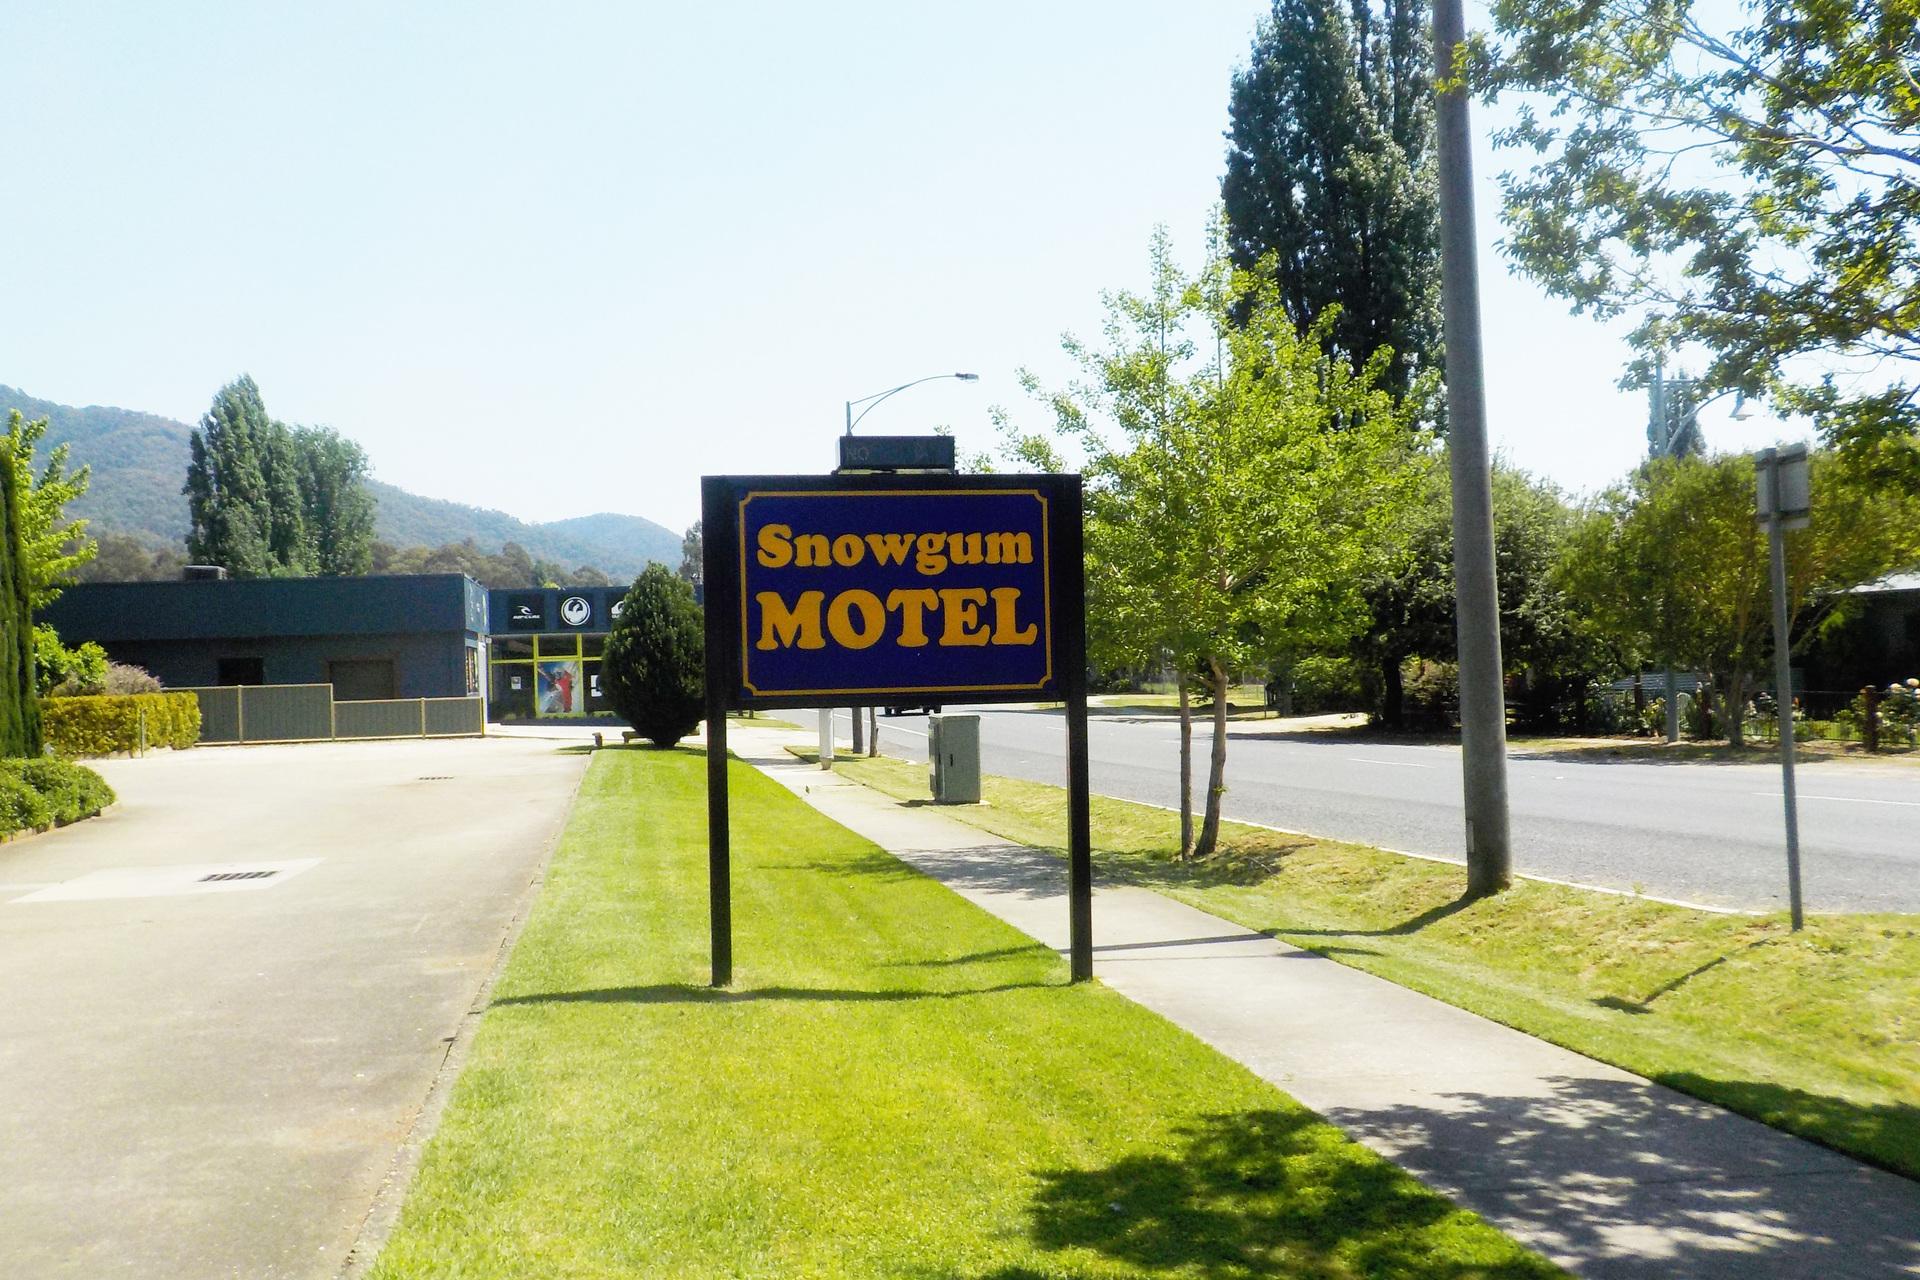 l - Snowgum Motel